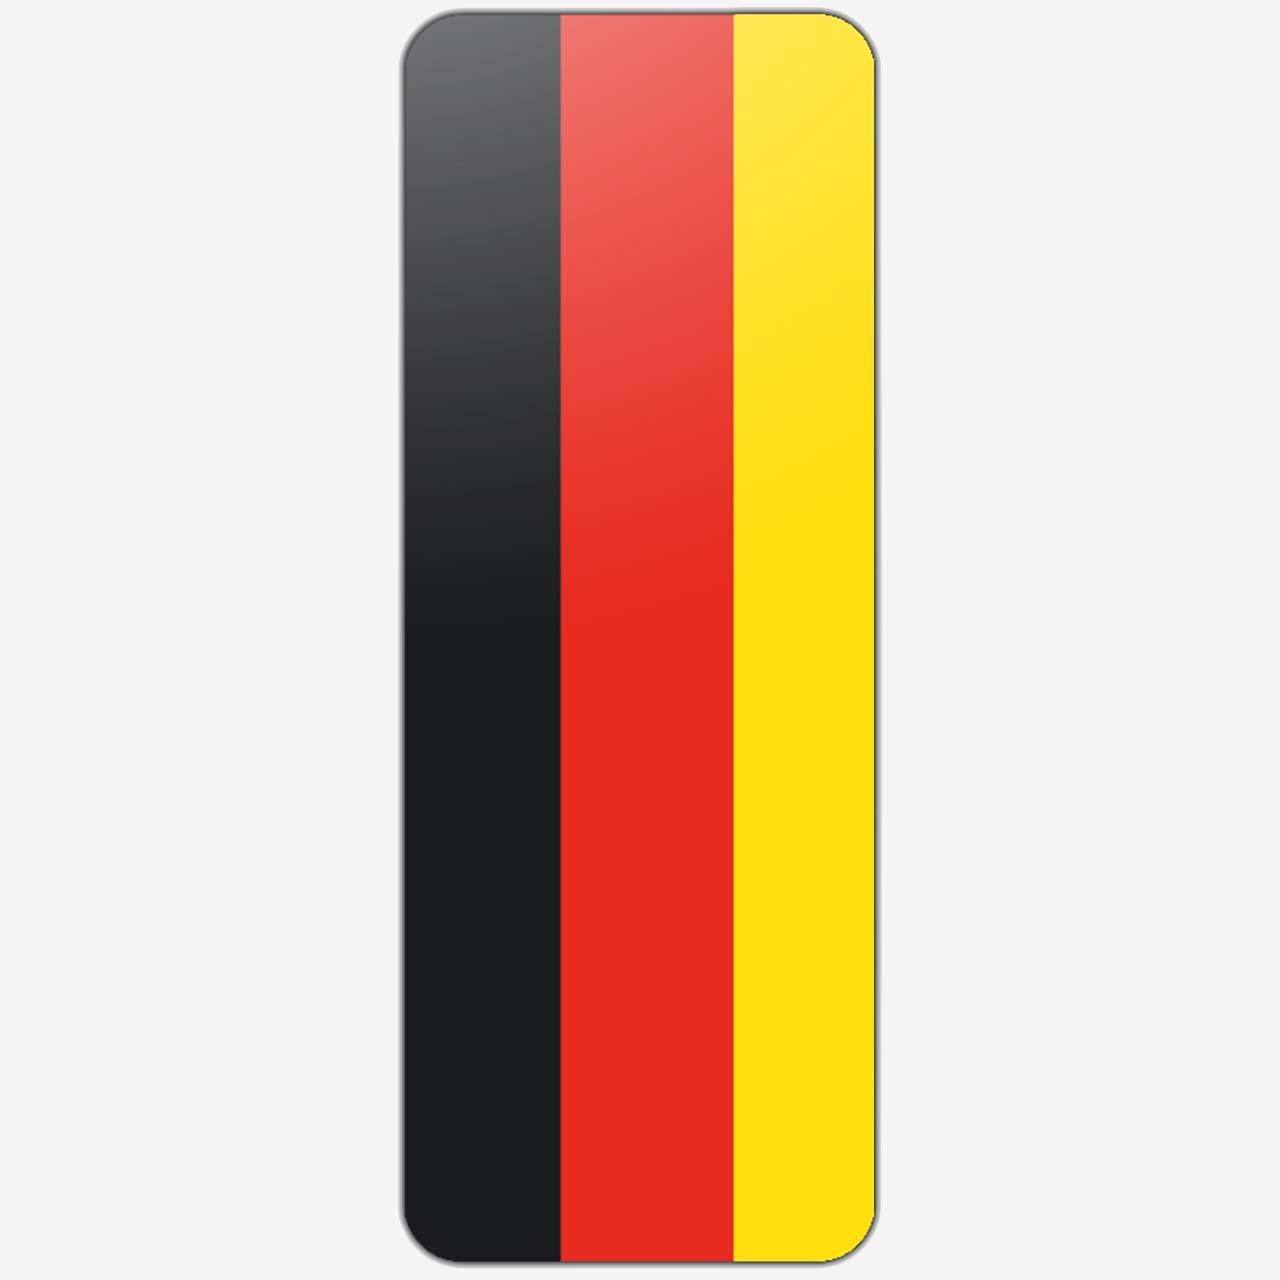 Banier Duitsland